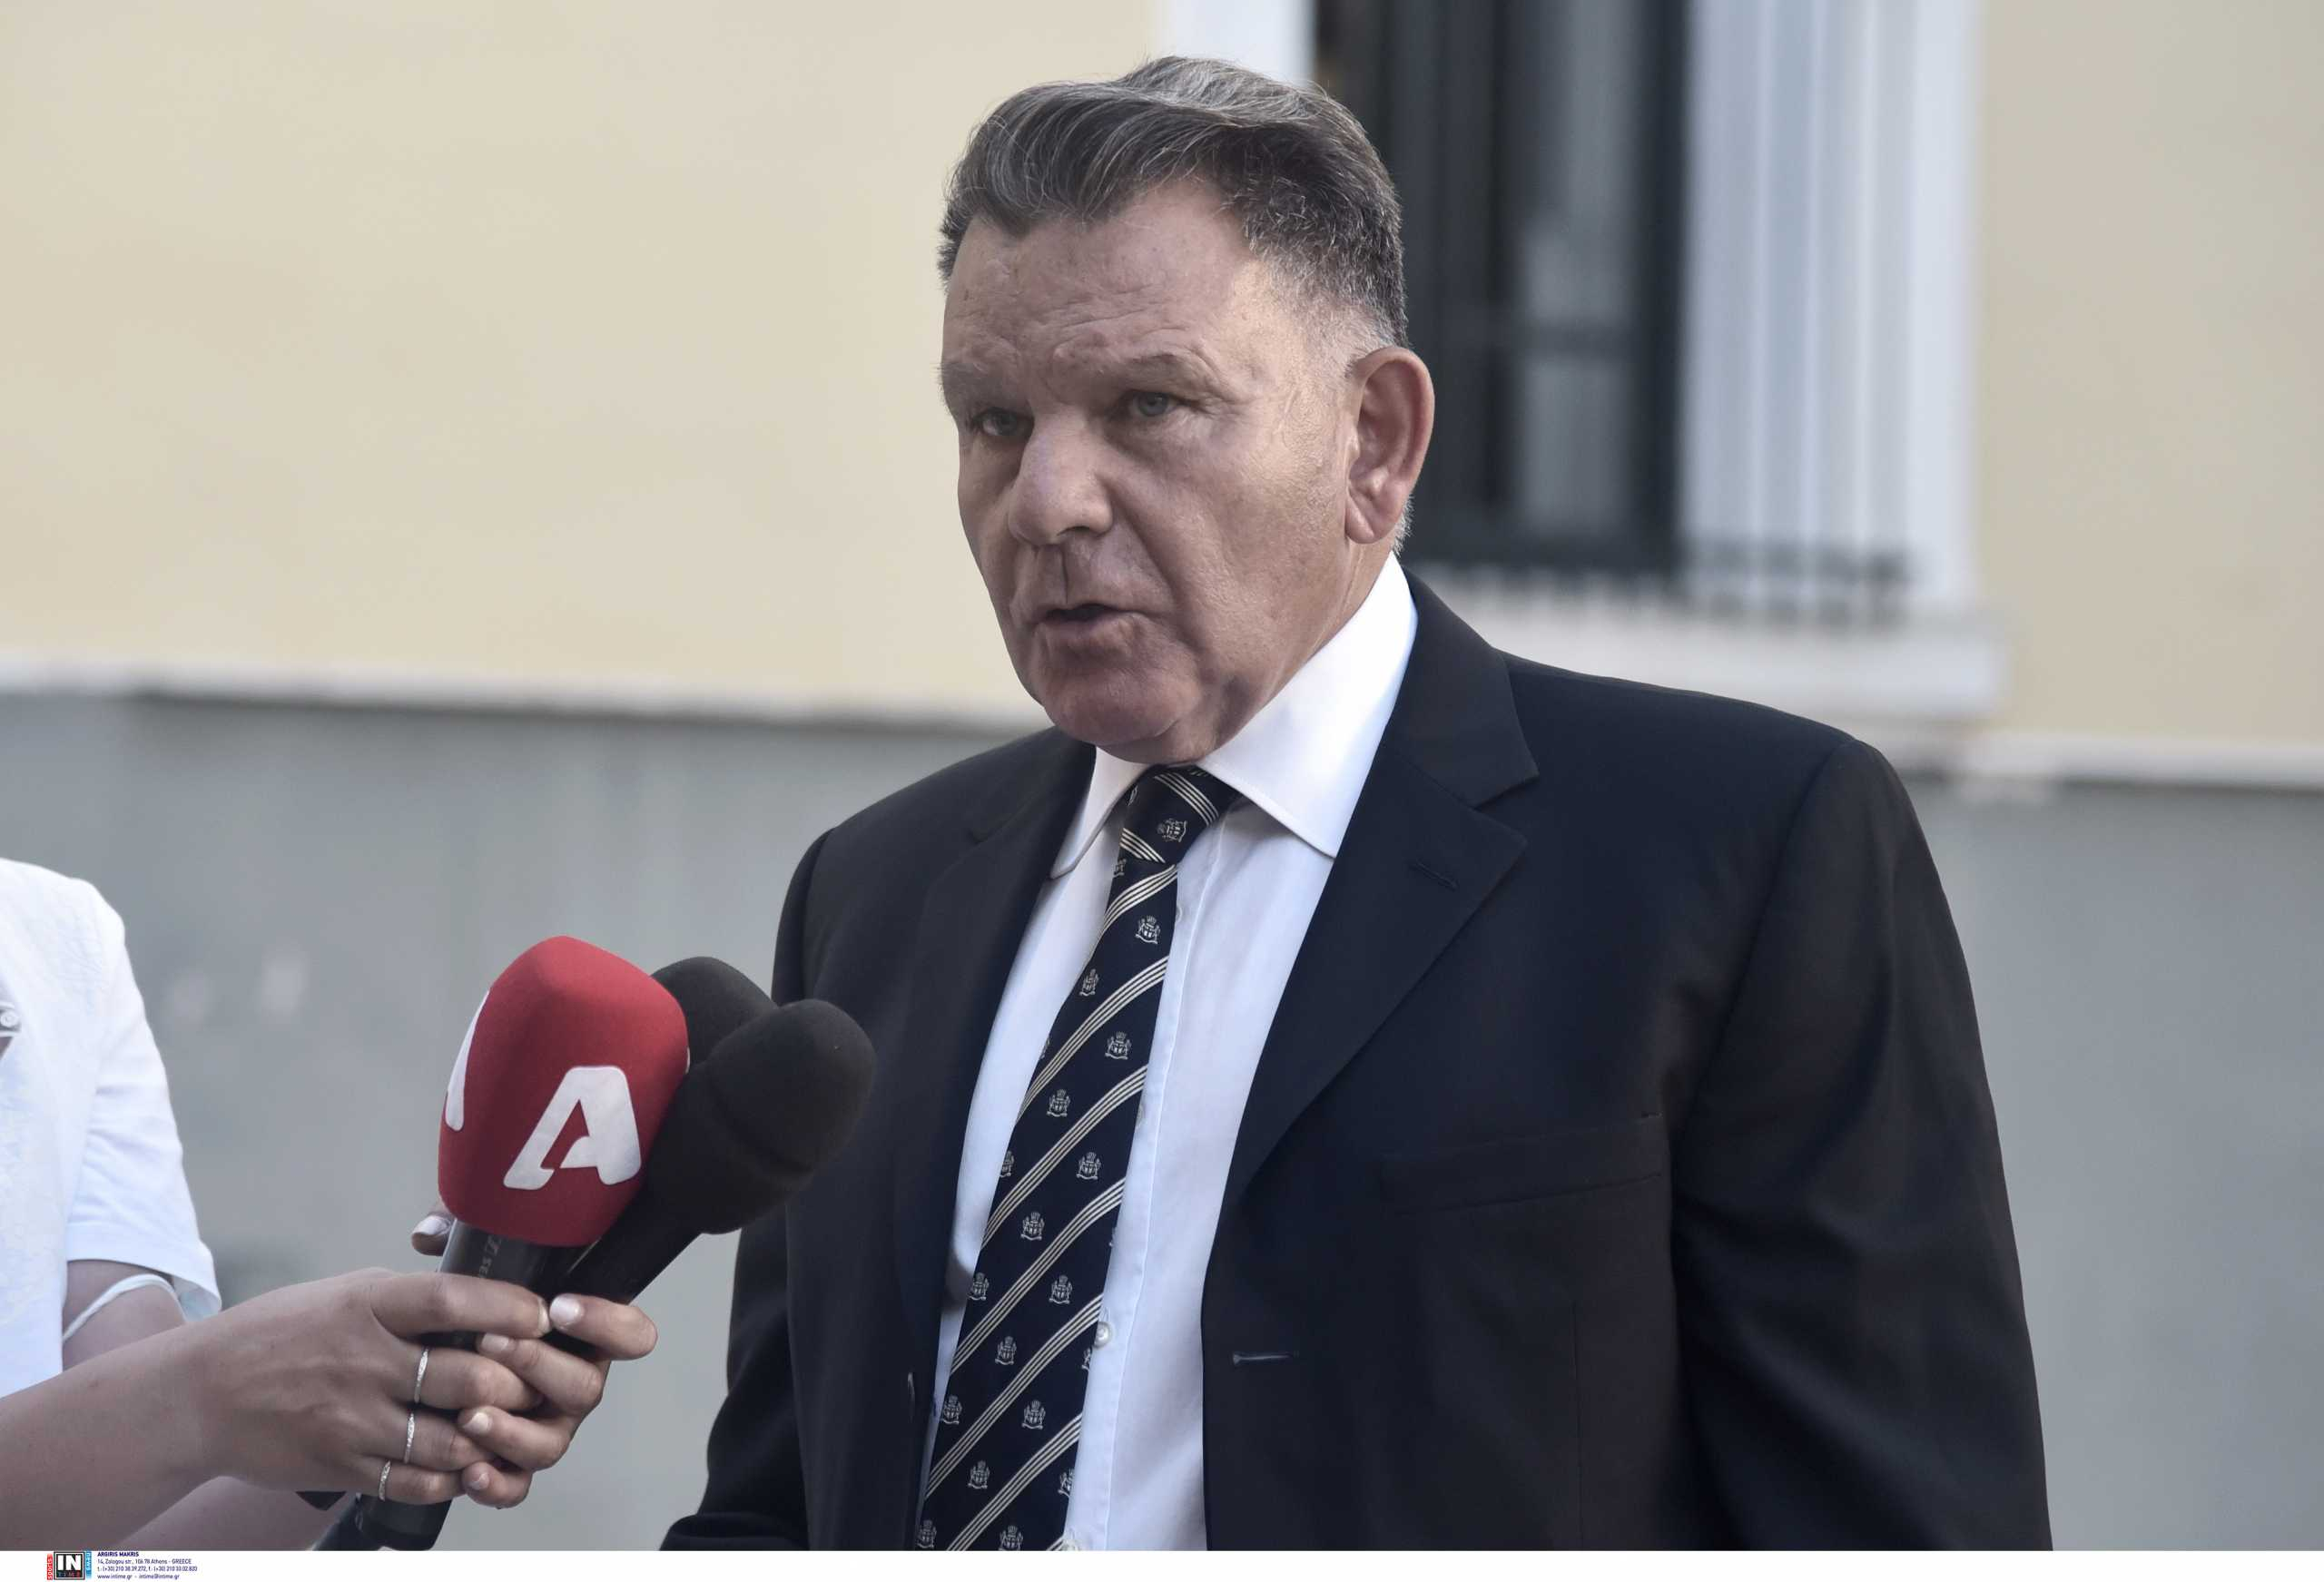 Δήλωση Κούγια για την υπόθεση Σεμέδο: «Δηλώνω κατηγορηματικά ότι δεν είχα ενόχληση από τον Βαγγέλη Μαρινάκη»